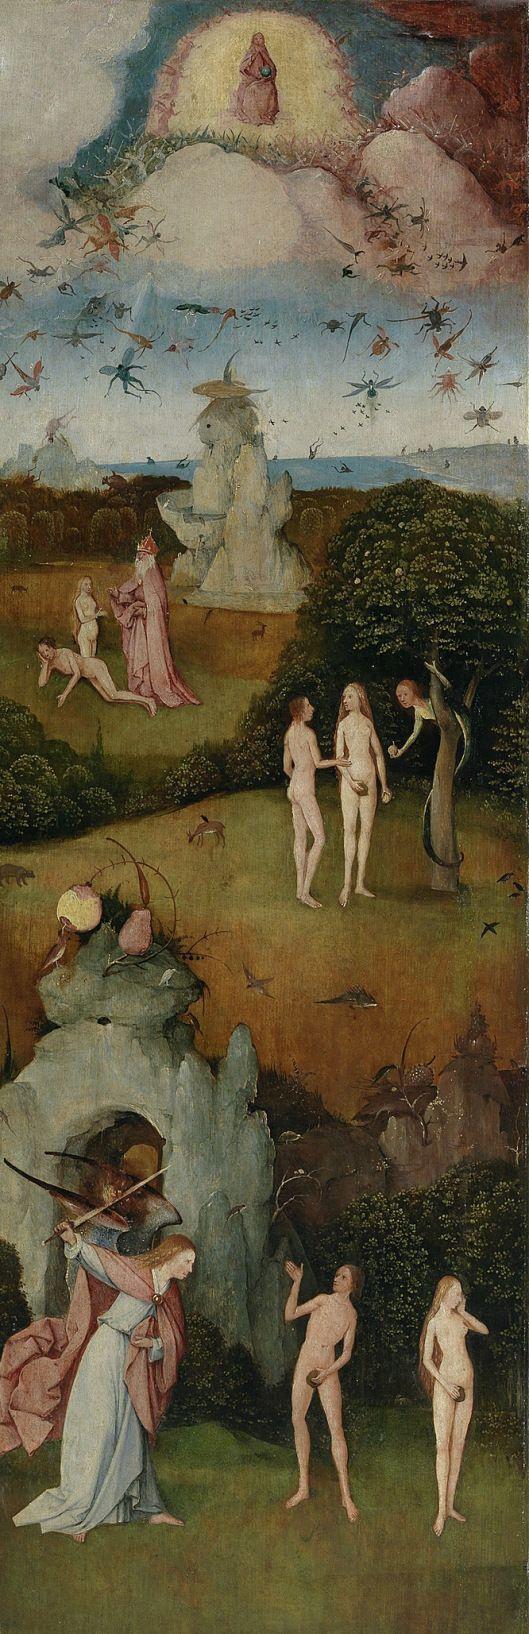 Panel Izquierdo, La caída de los ángeles, la creación de Eva, el Pecado original y la expulsión del paraíso.; Óleo sobre tabla, 147x66cm.